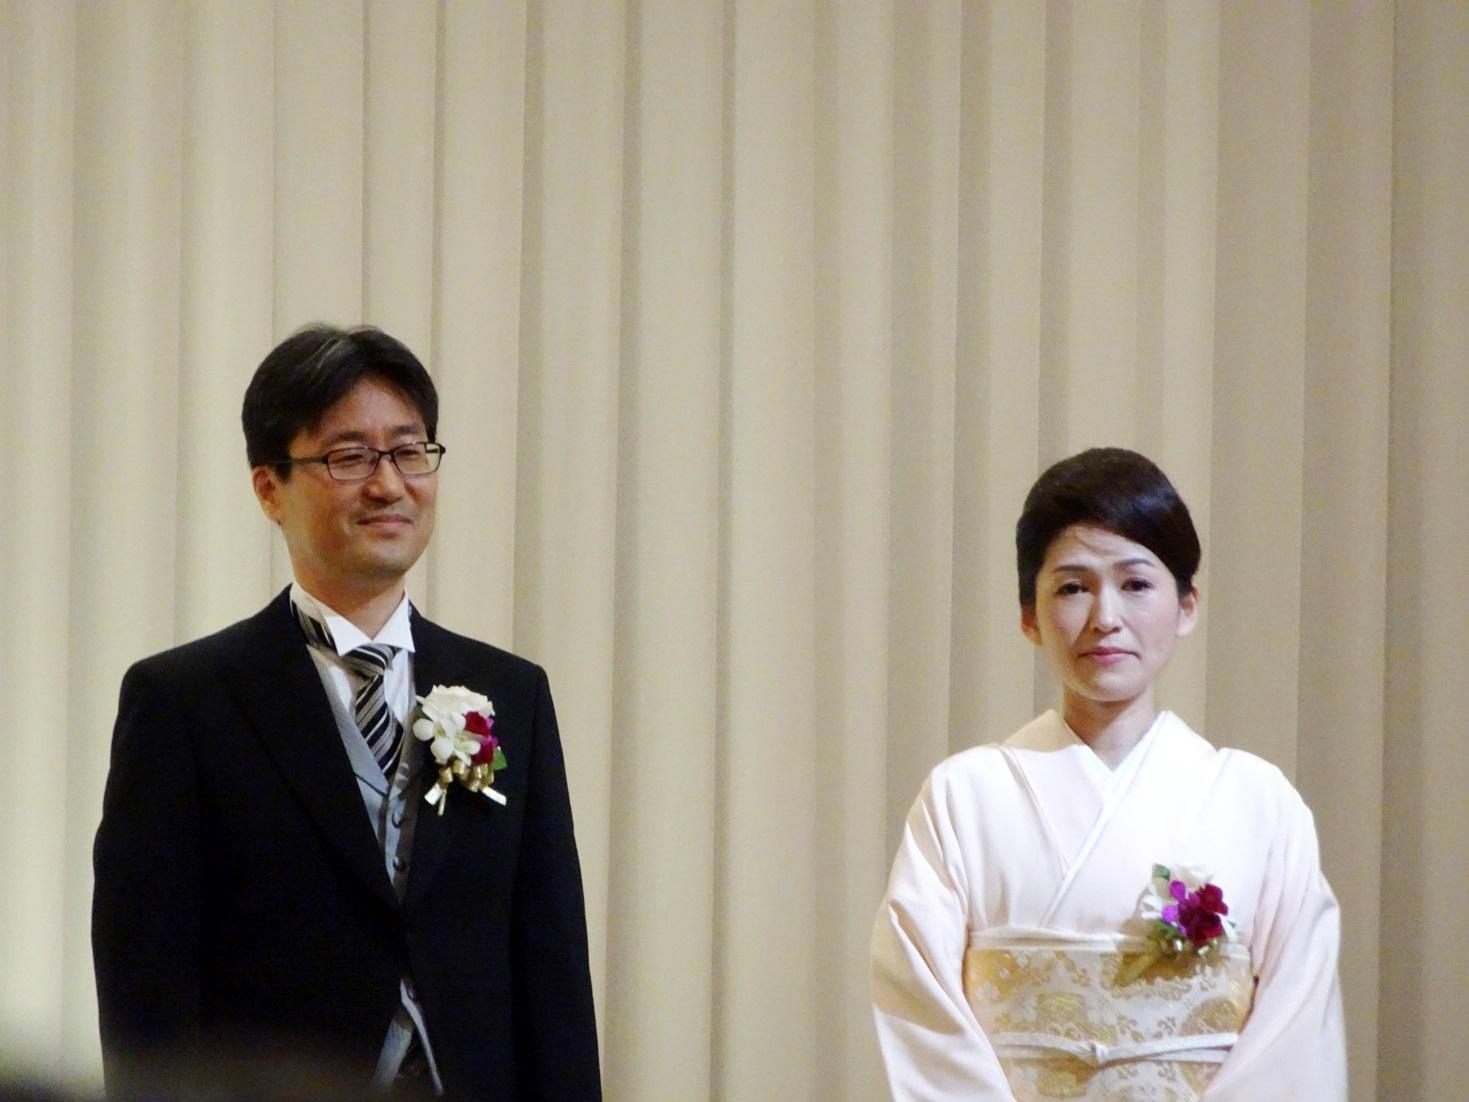 前田嘉信教授就任記念祝賀会1